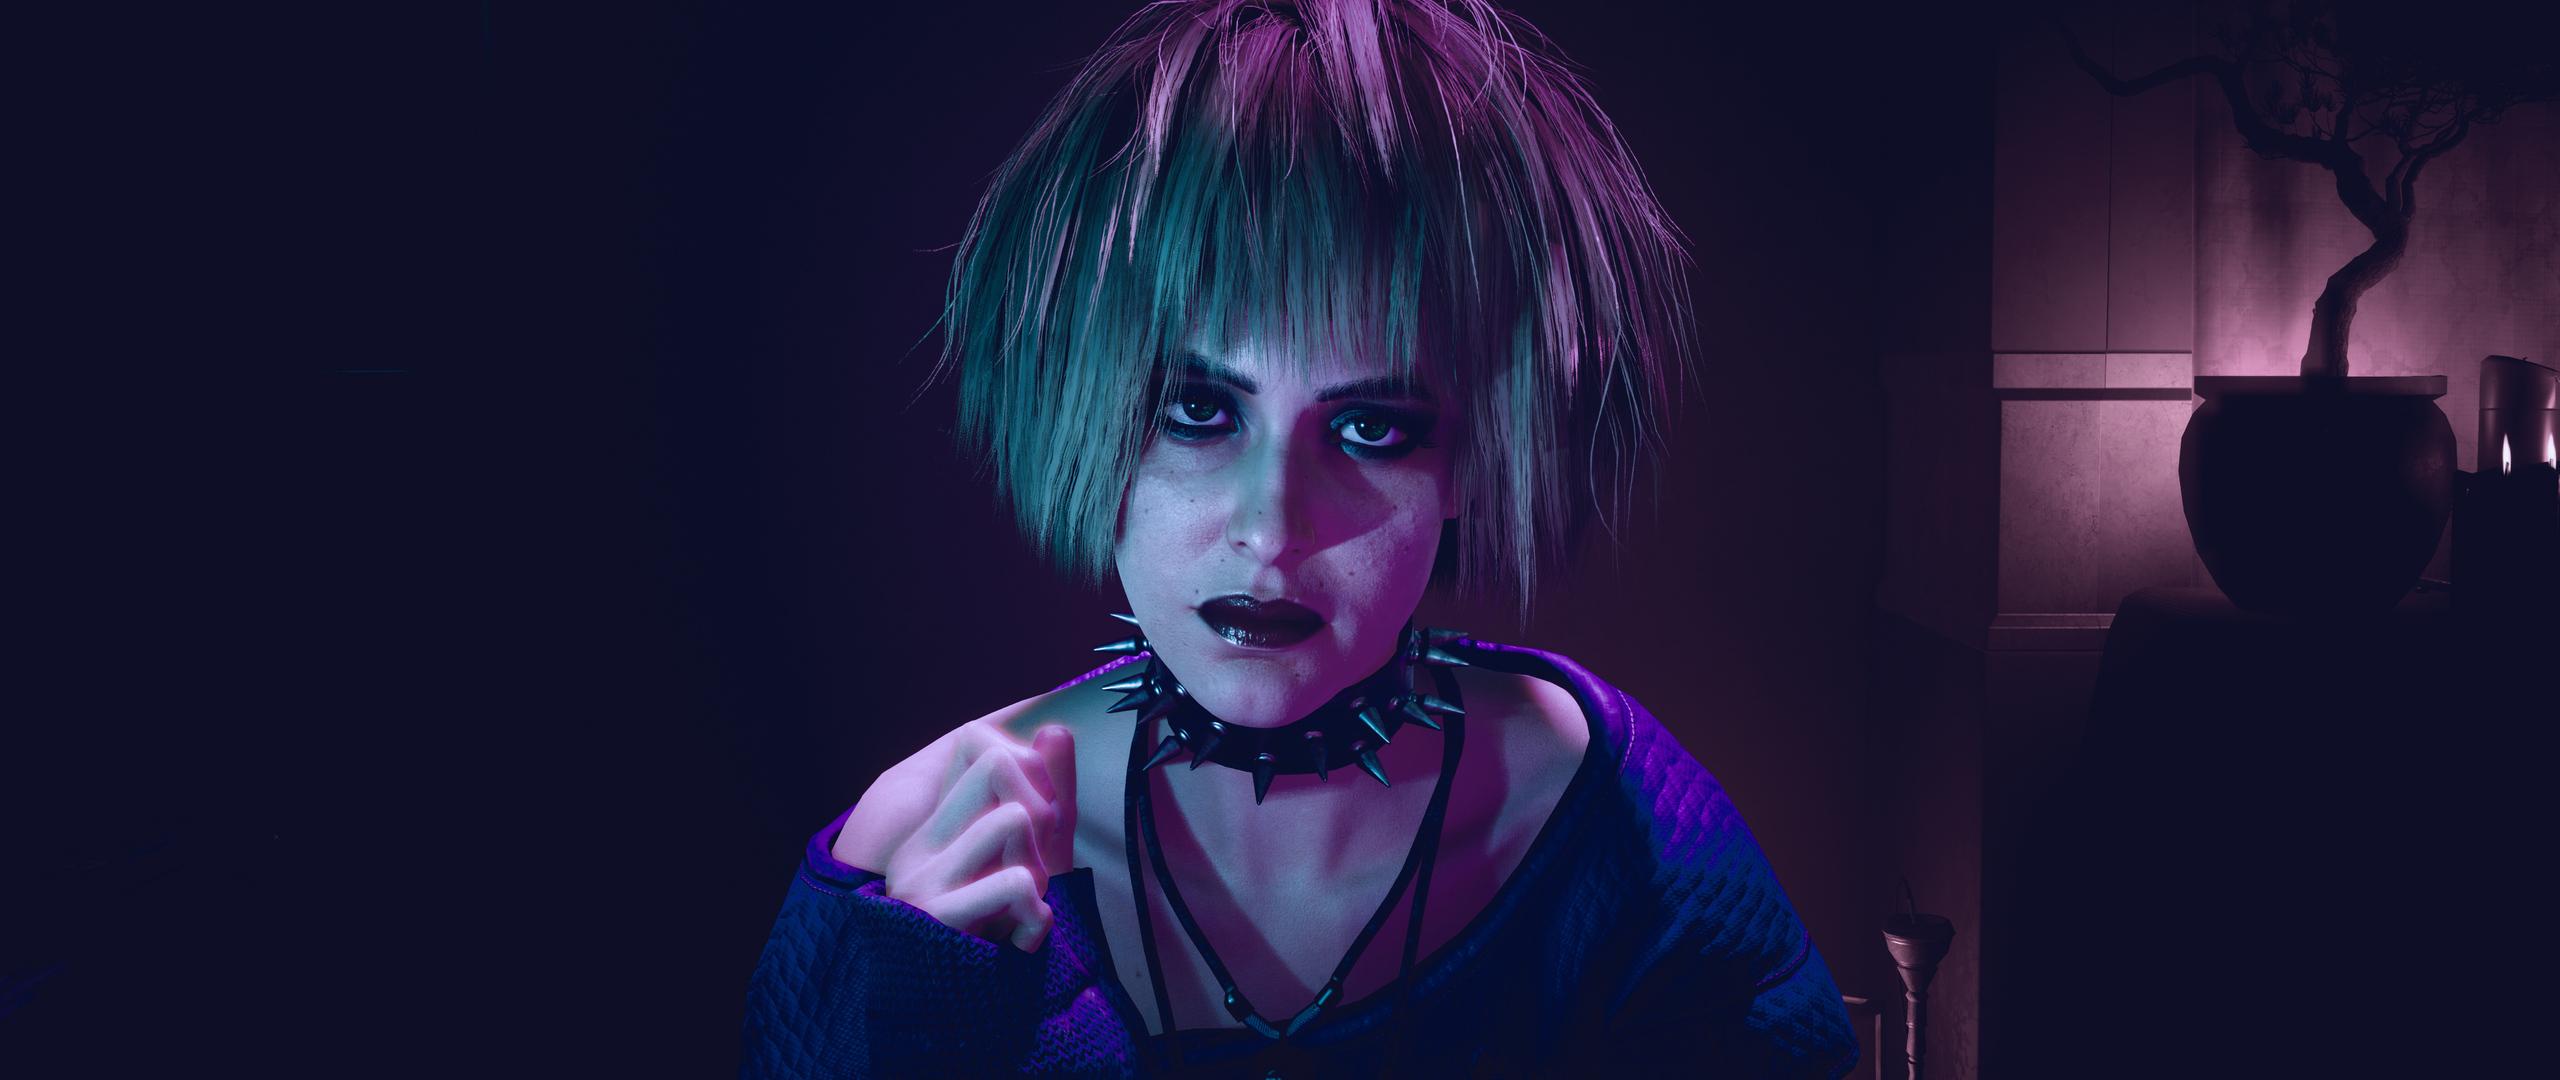 cyberpunk-2077-misty-olszewski-4k-ca.jpg